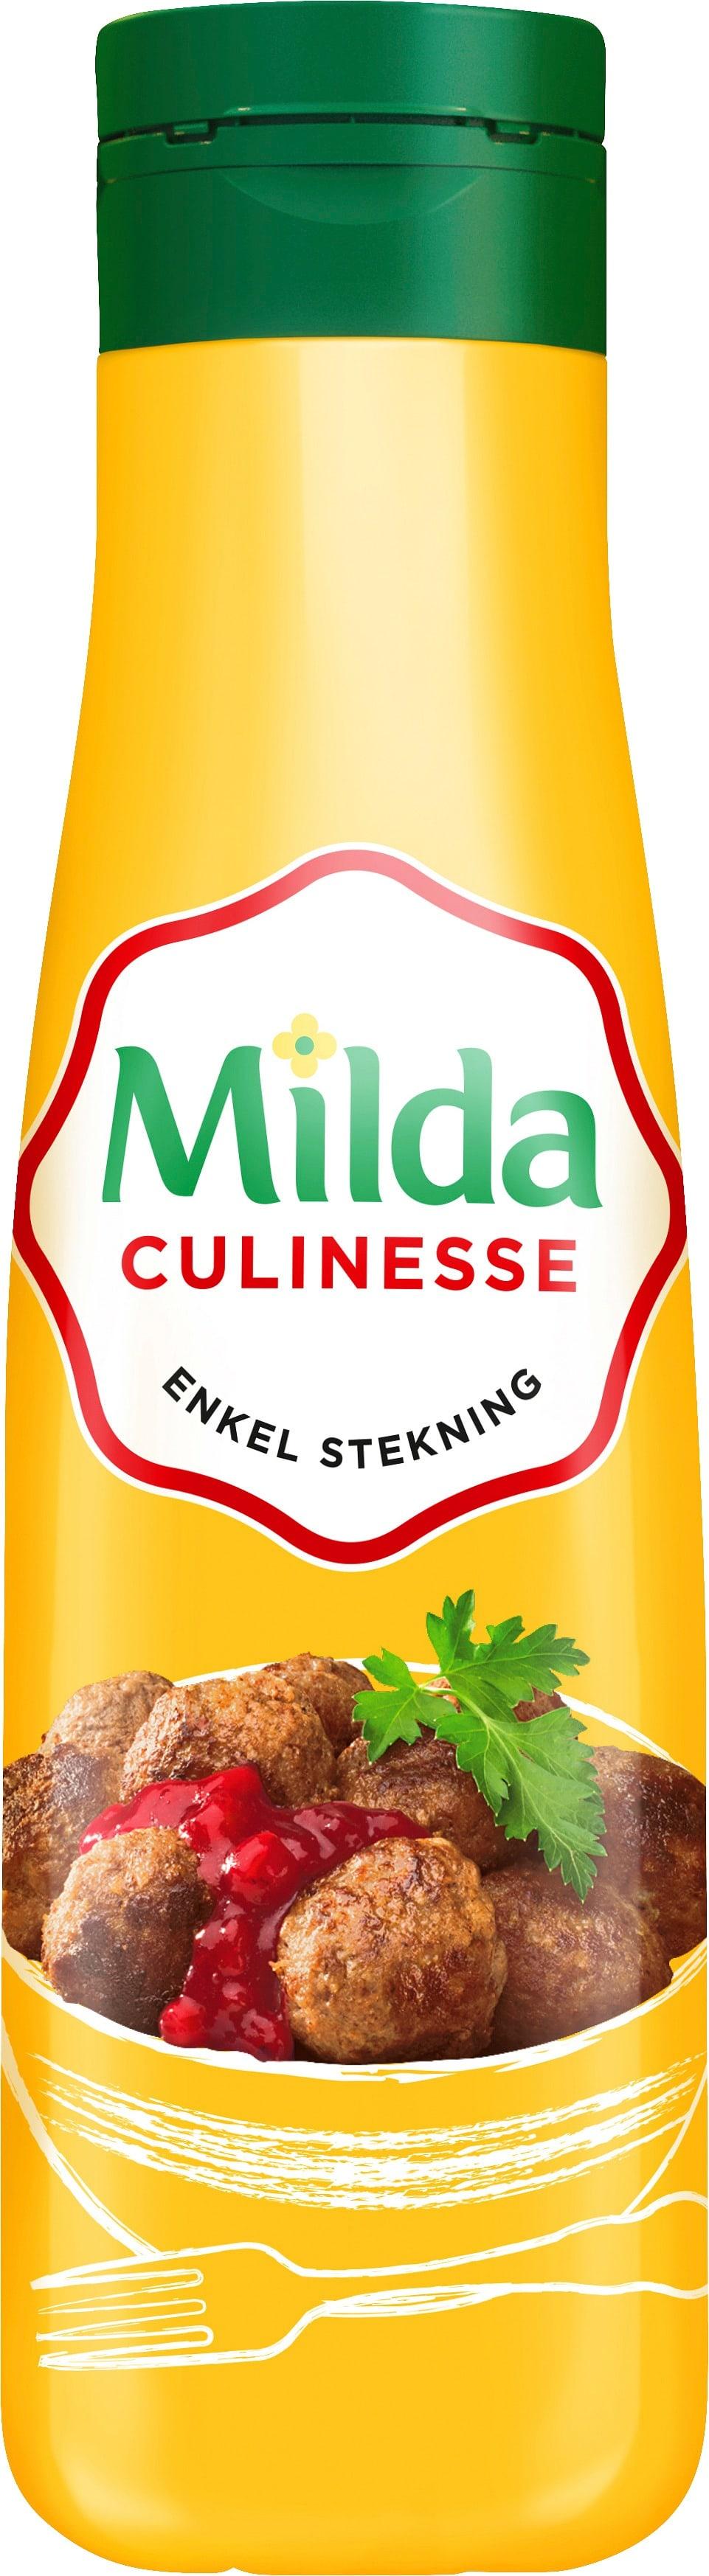 milda culinesse mjölkfri